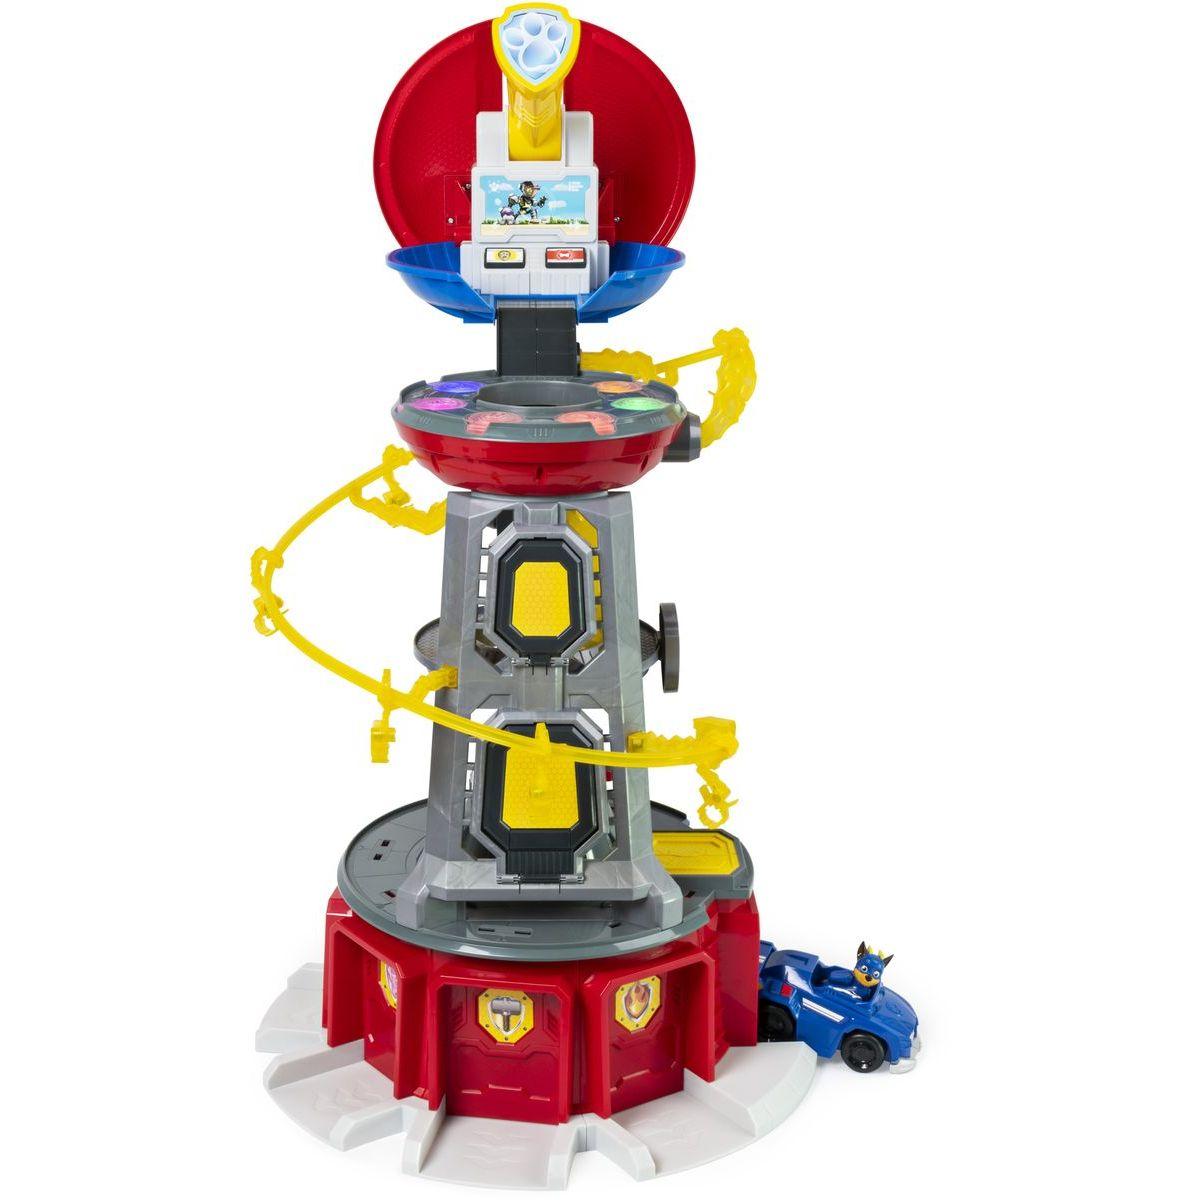 Spin Master Paw Patrol velká hlídkovací věž super hrdinů